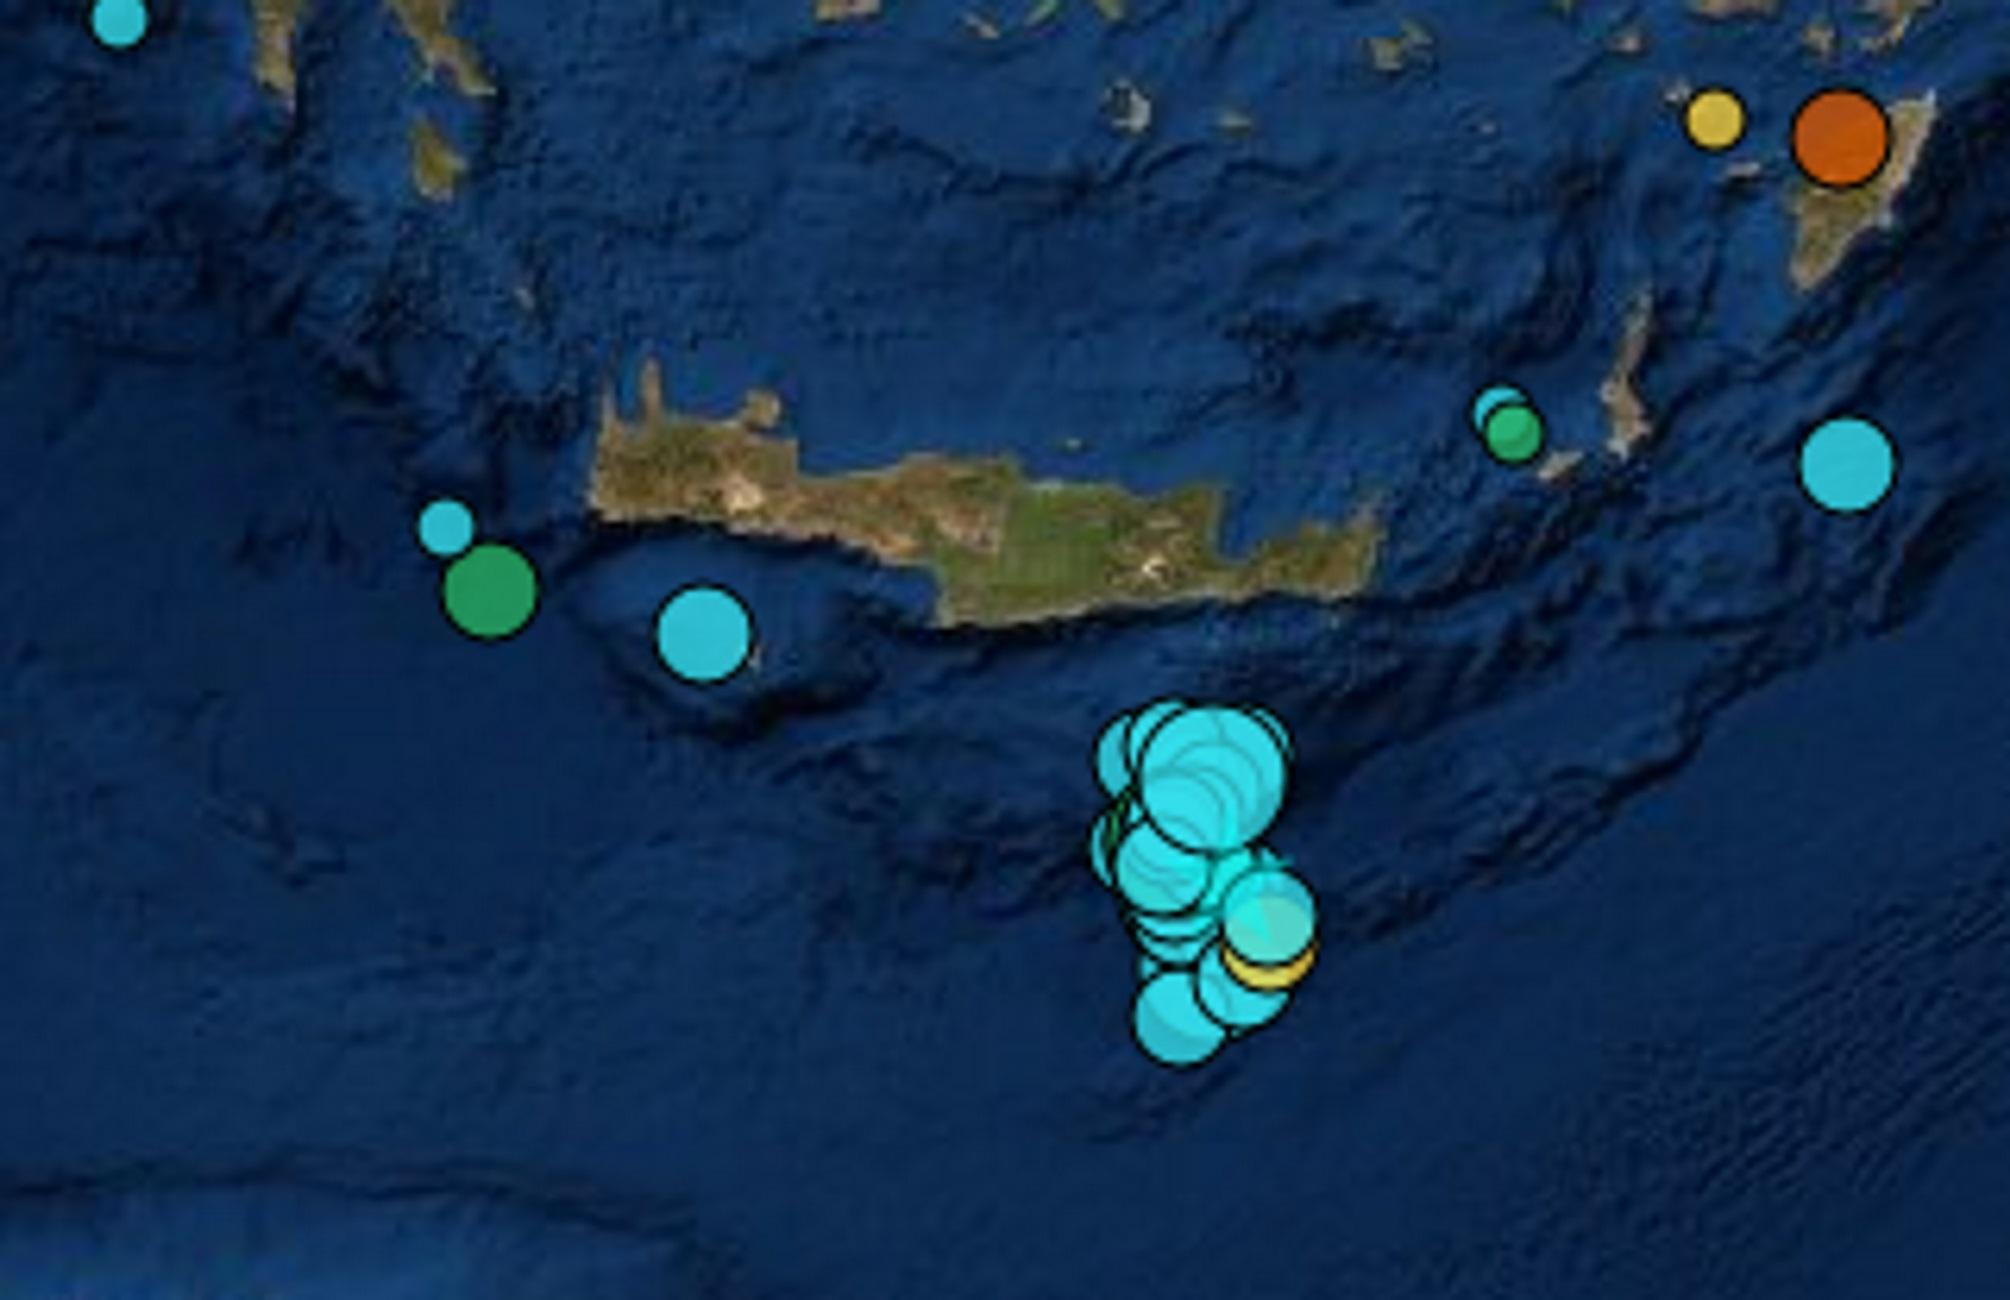 Σεισμός ανοιχτά της Κρήτης! Σείεται η γη το τελευταίο 24ωρο (Φωτό)